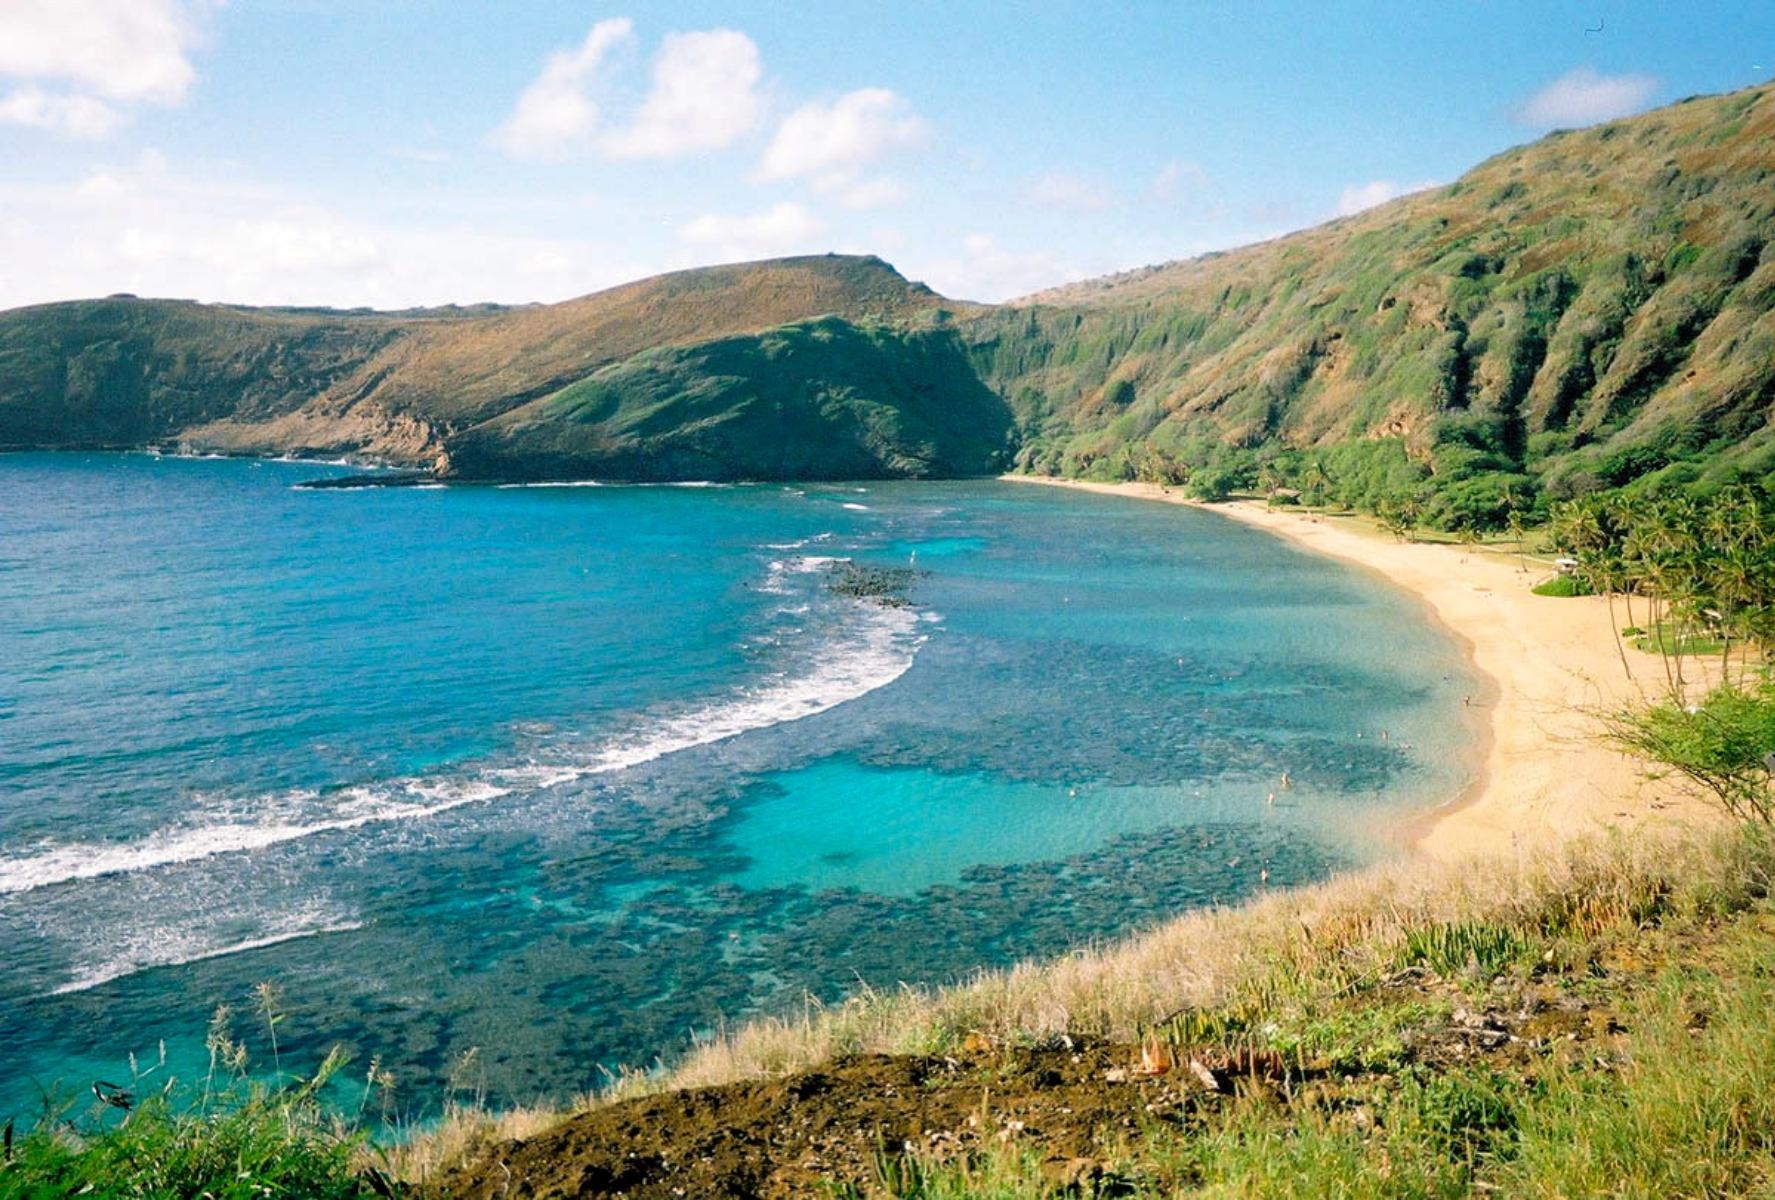 hawaii06-1614357669.jpg